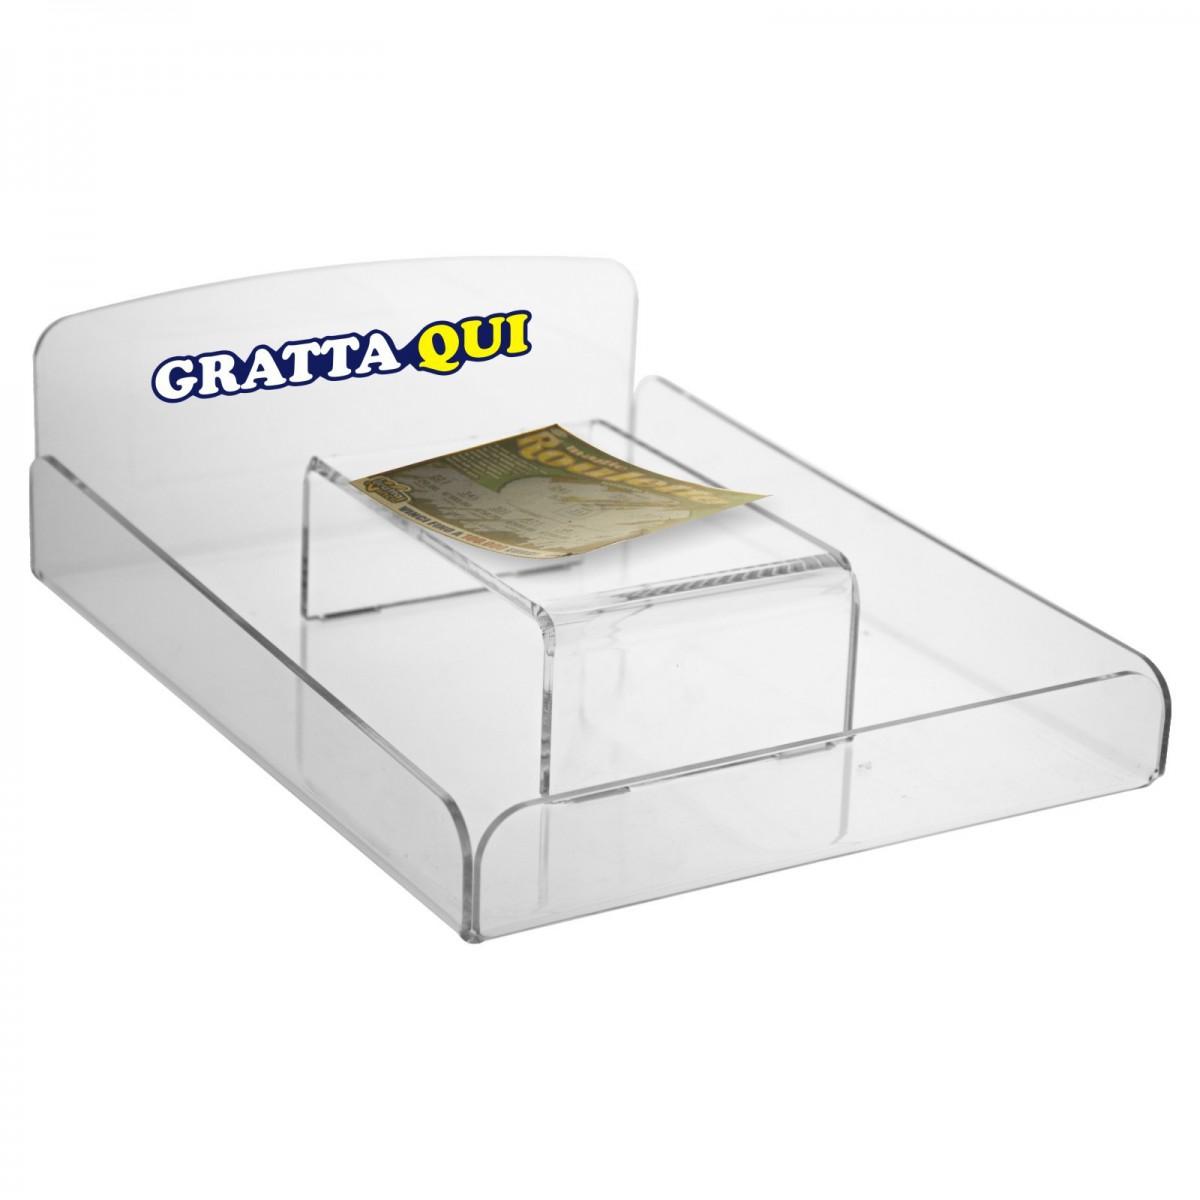 E-288 EGV - Ripiano in plexiglass trasparente per grattare i gratta e vinci - Misure: 23 x 29x H9 cm